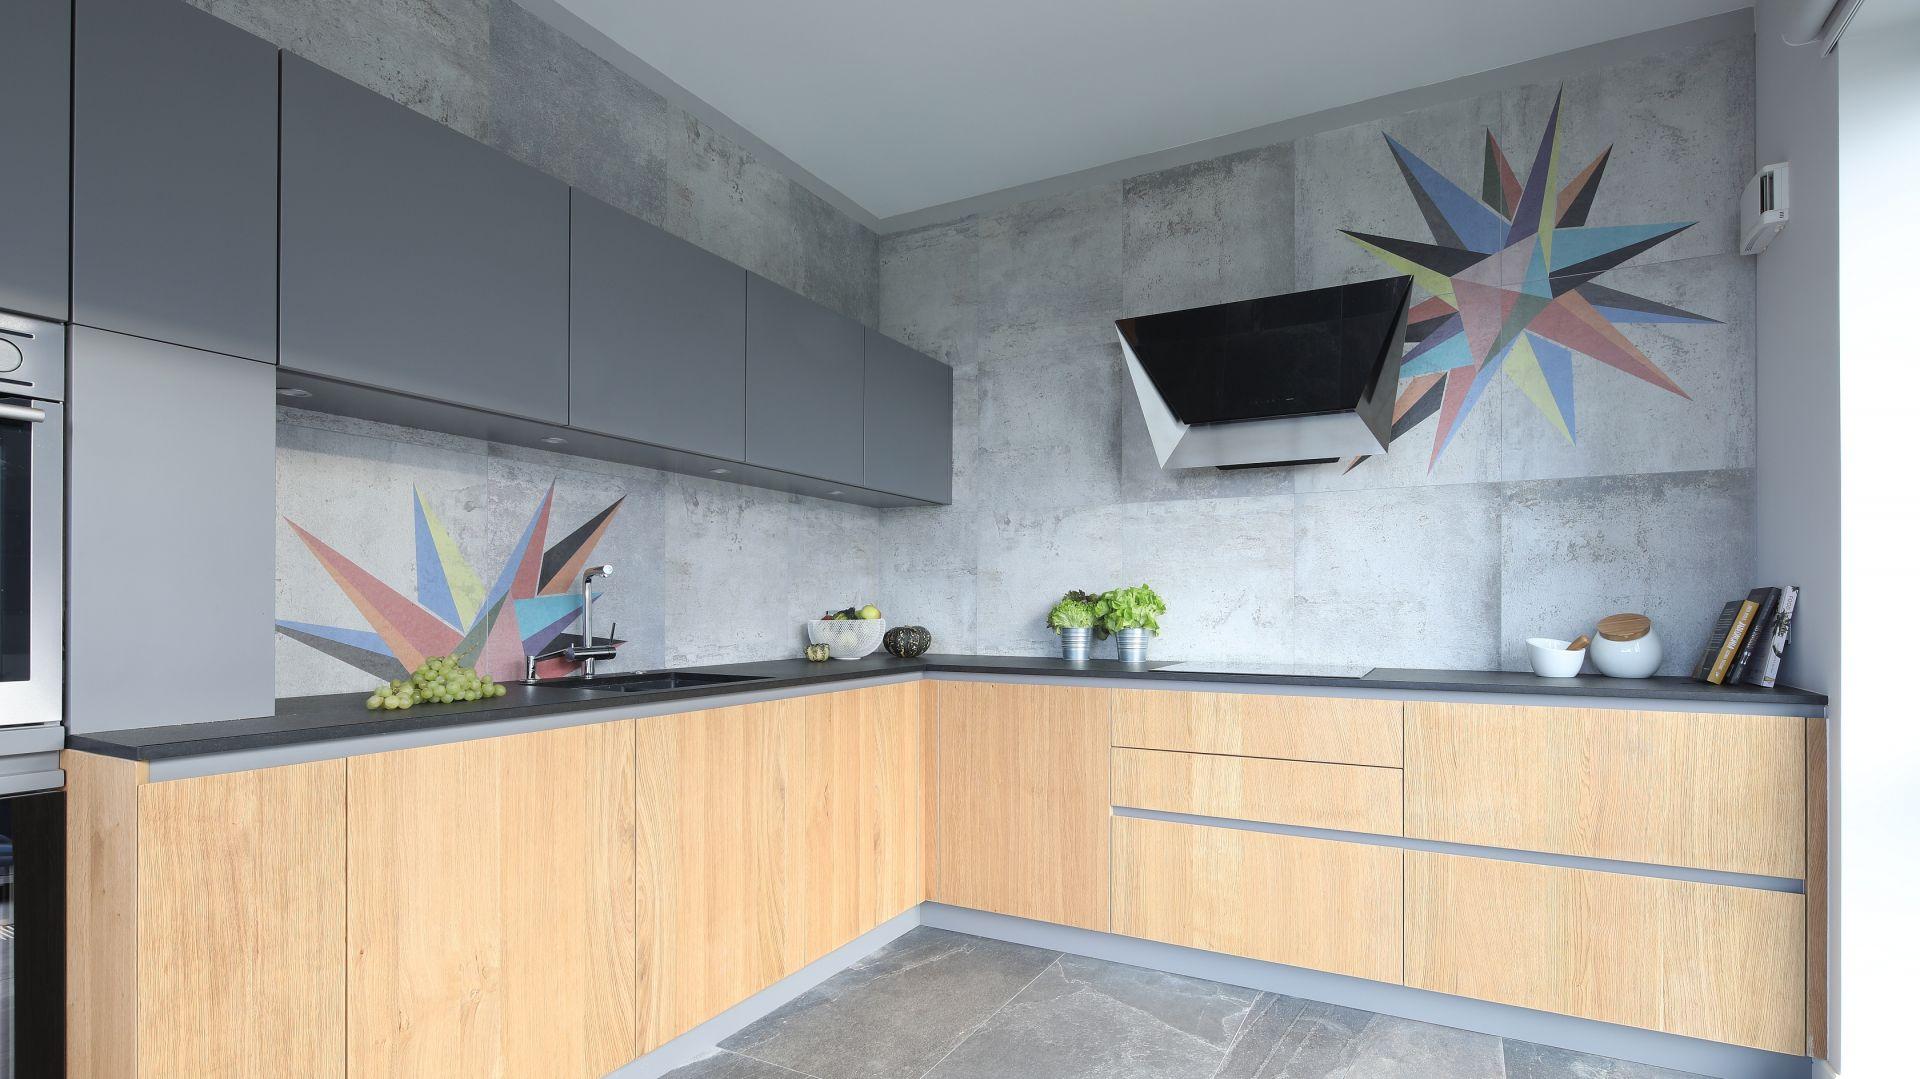 Ściana nad blatem. 20 pięknych zdjęć kuchni